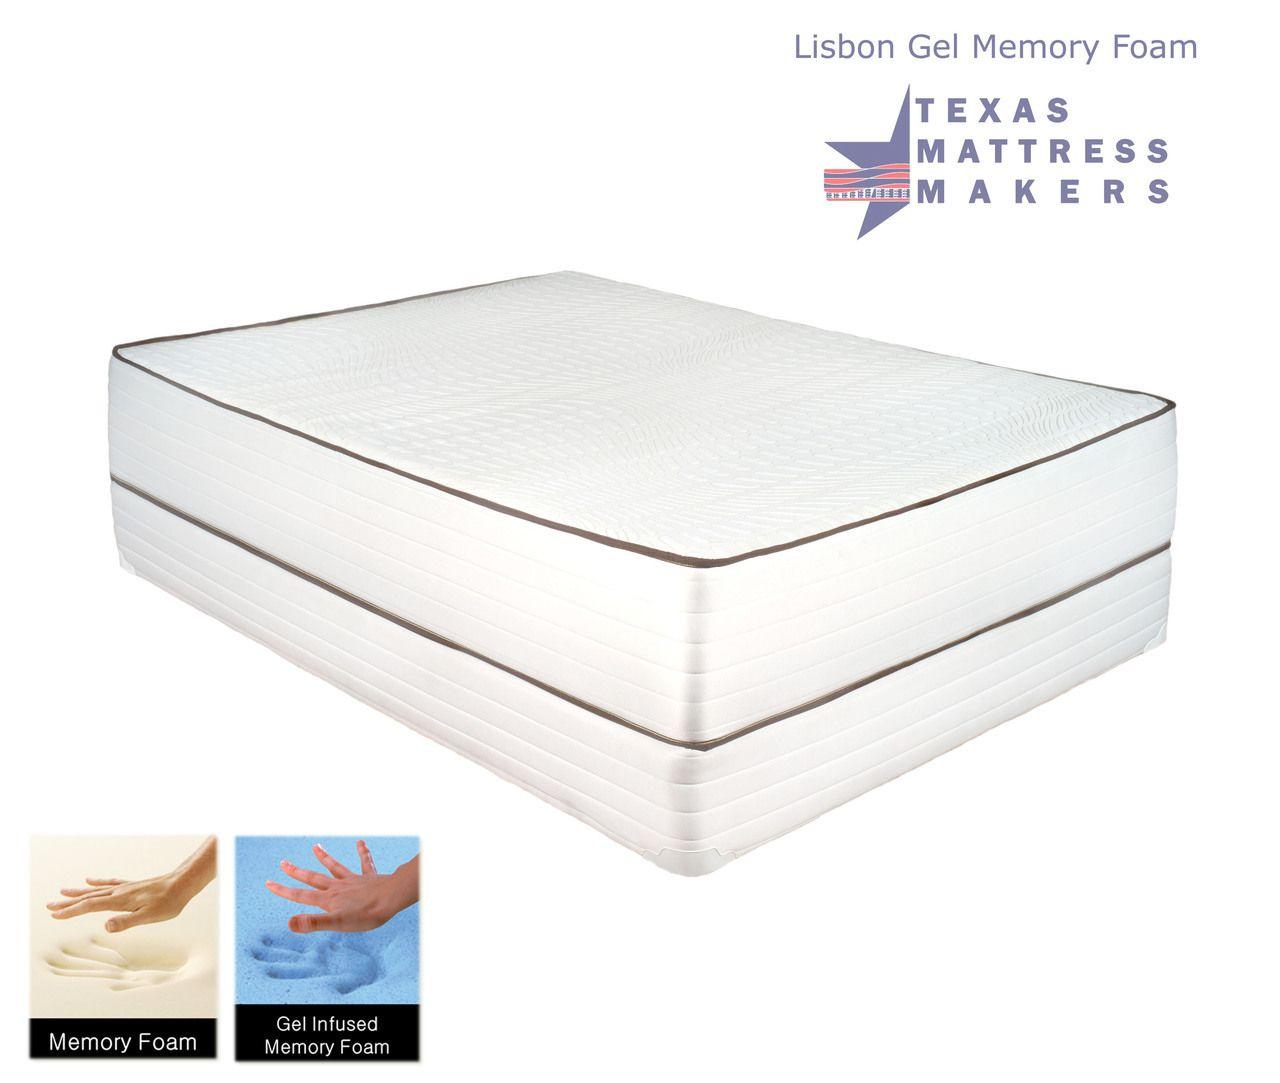 Lisbon Gel Memory Foam Mattress Gel Memory Foam Mattress Memory Foam Mattress Gel Memory Foam